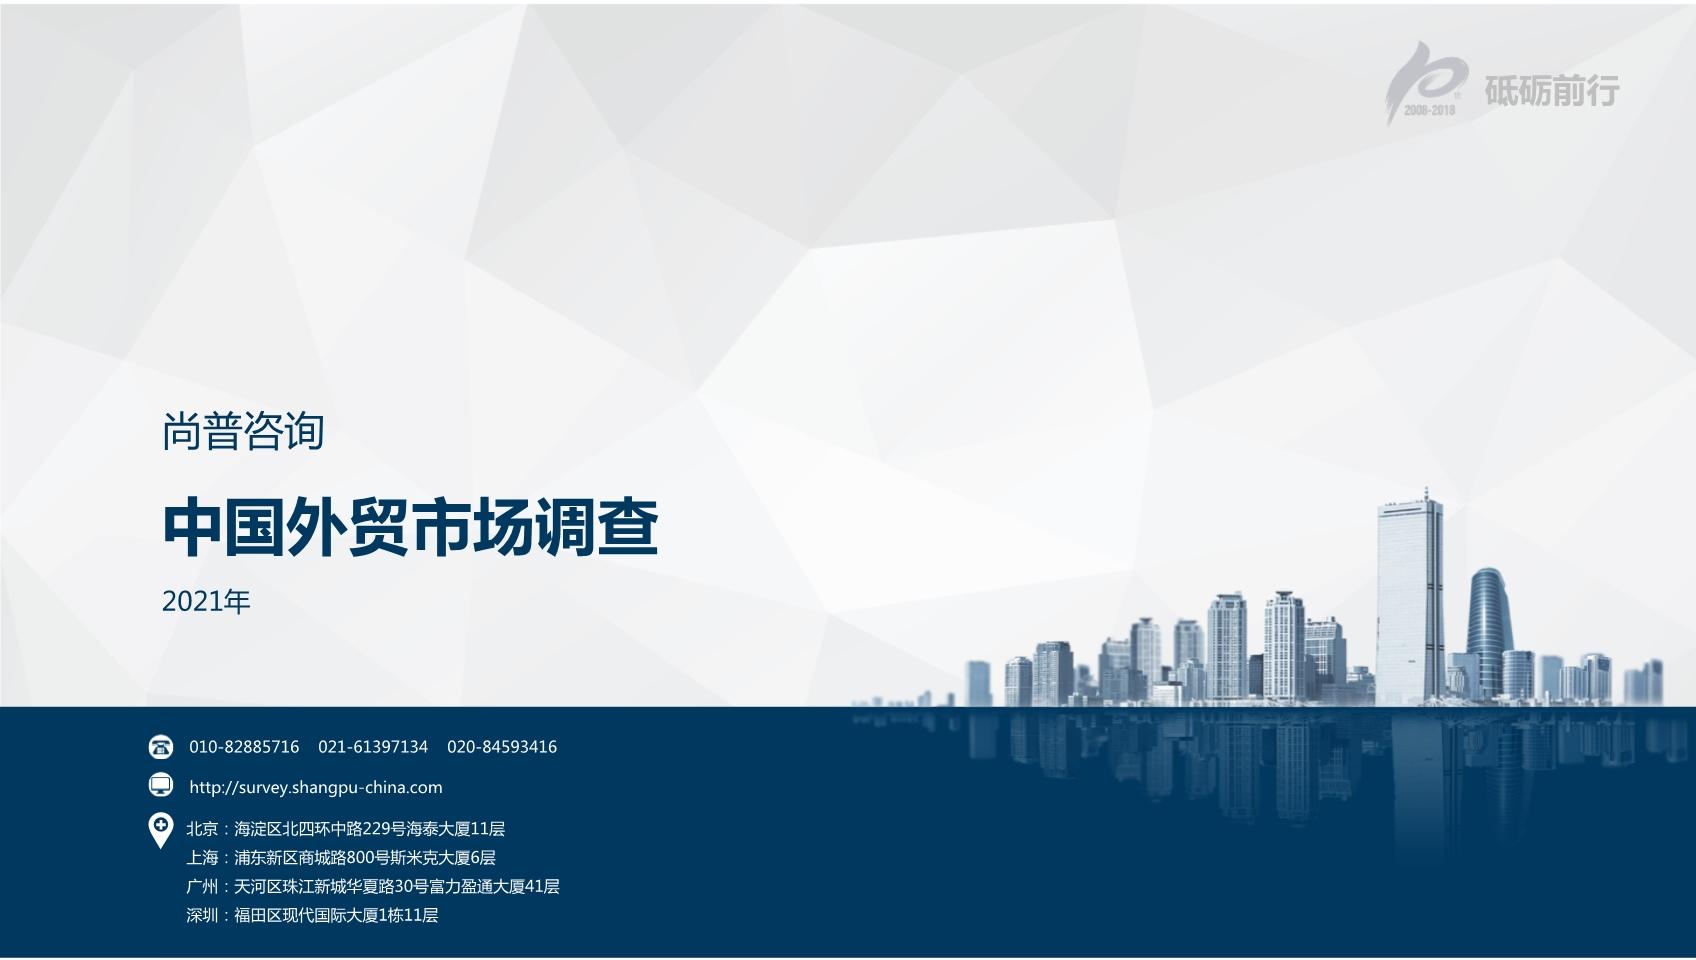 尚普咨询:2021年中国外贸市场调查